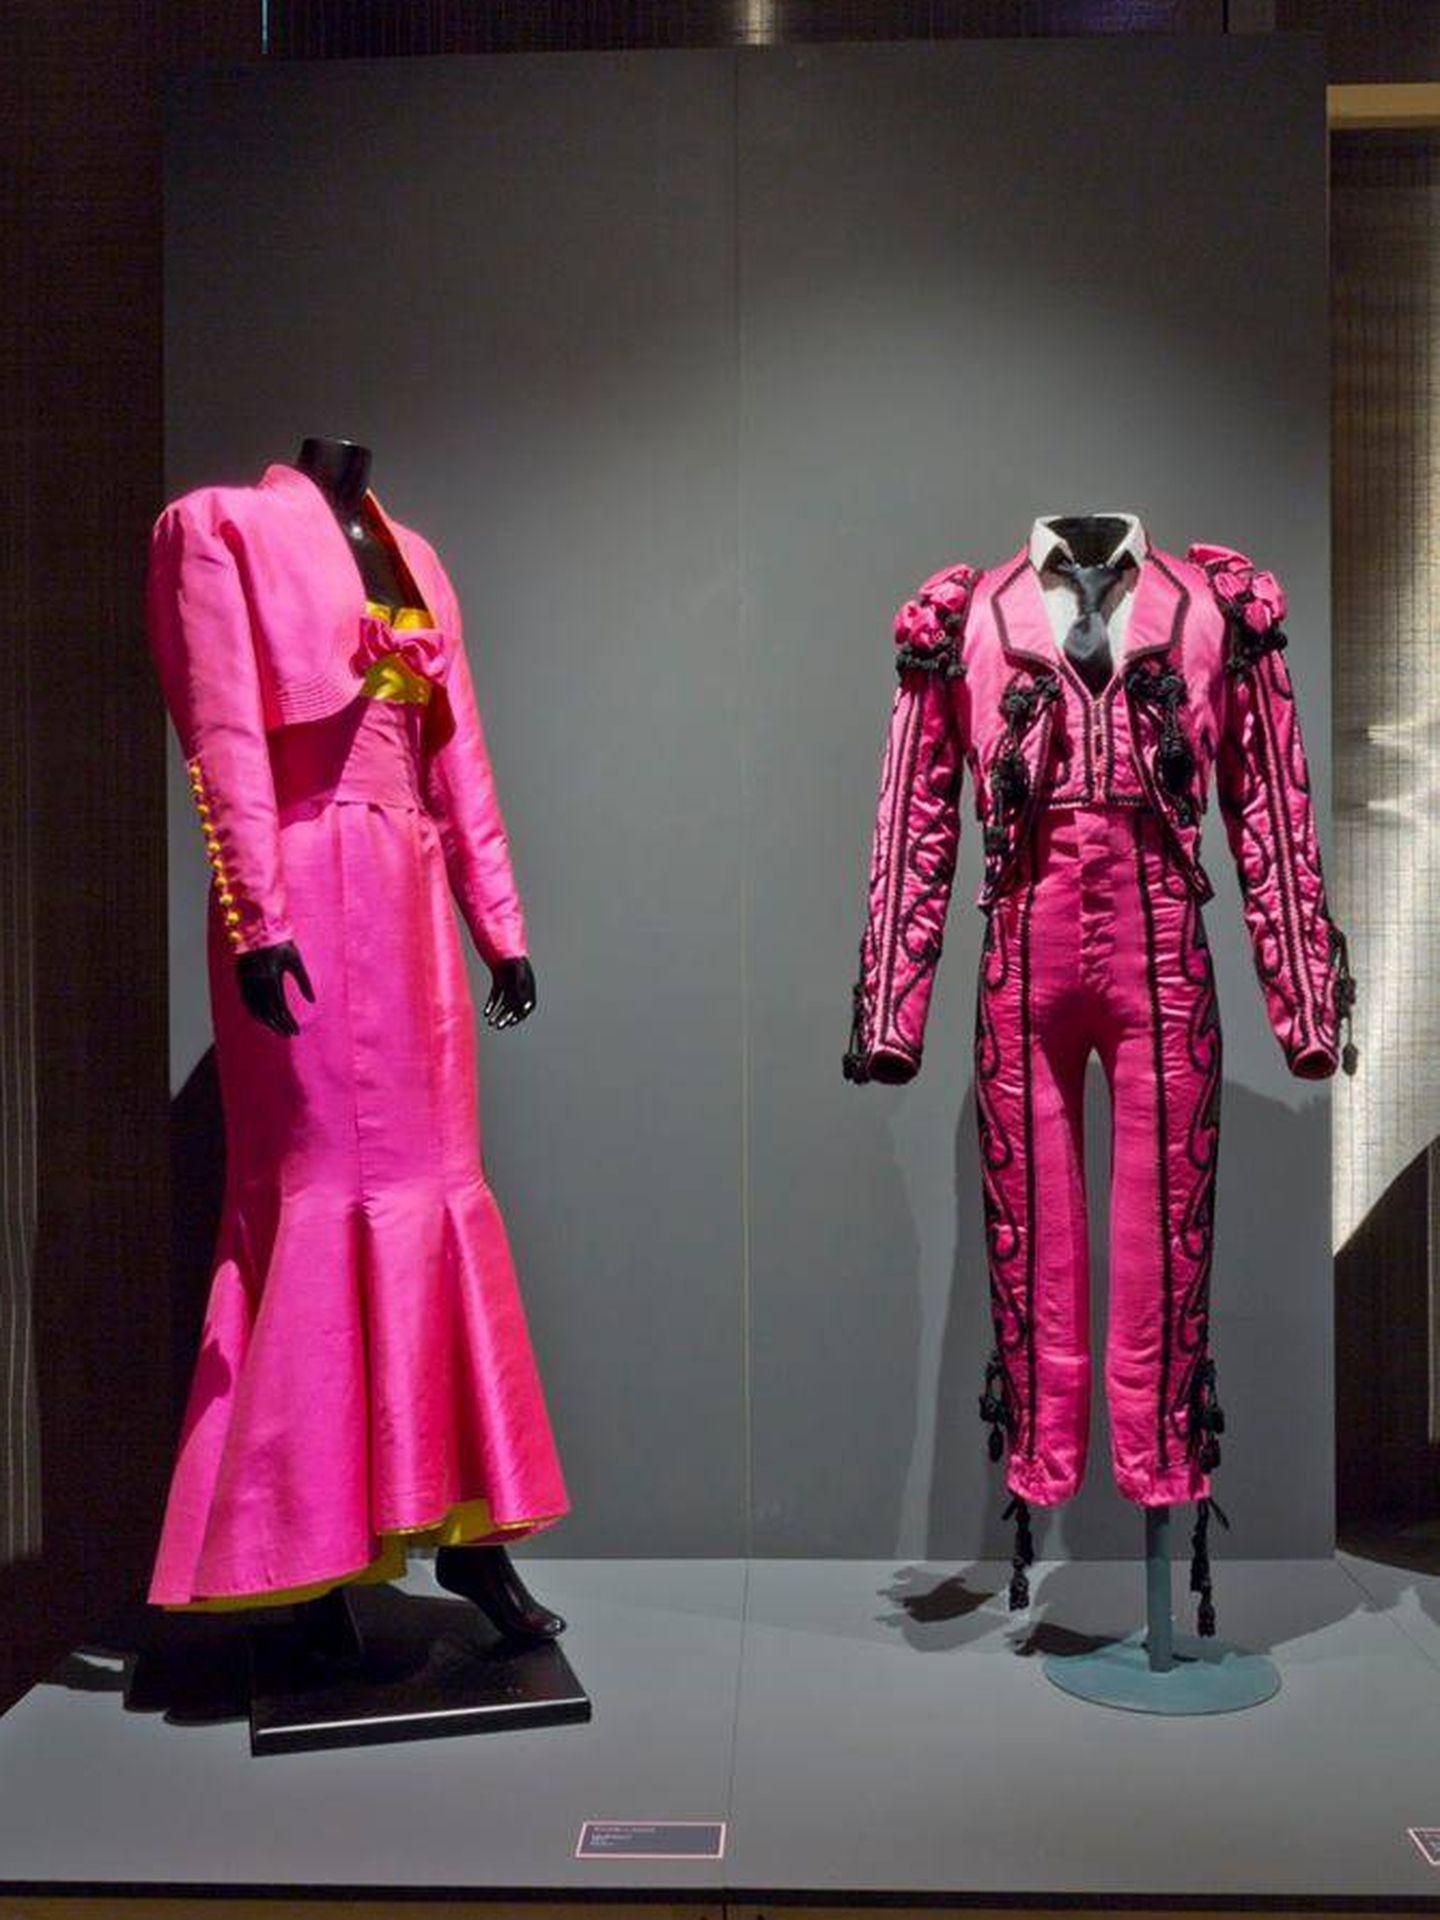 Los trajes regionales y de luces también tiene cabida en 'La vie en rose'. (Cortesía)